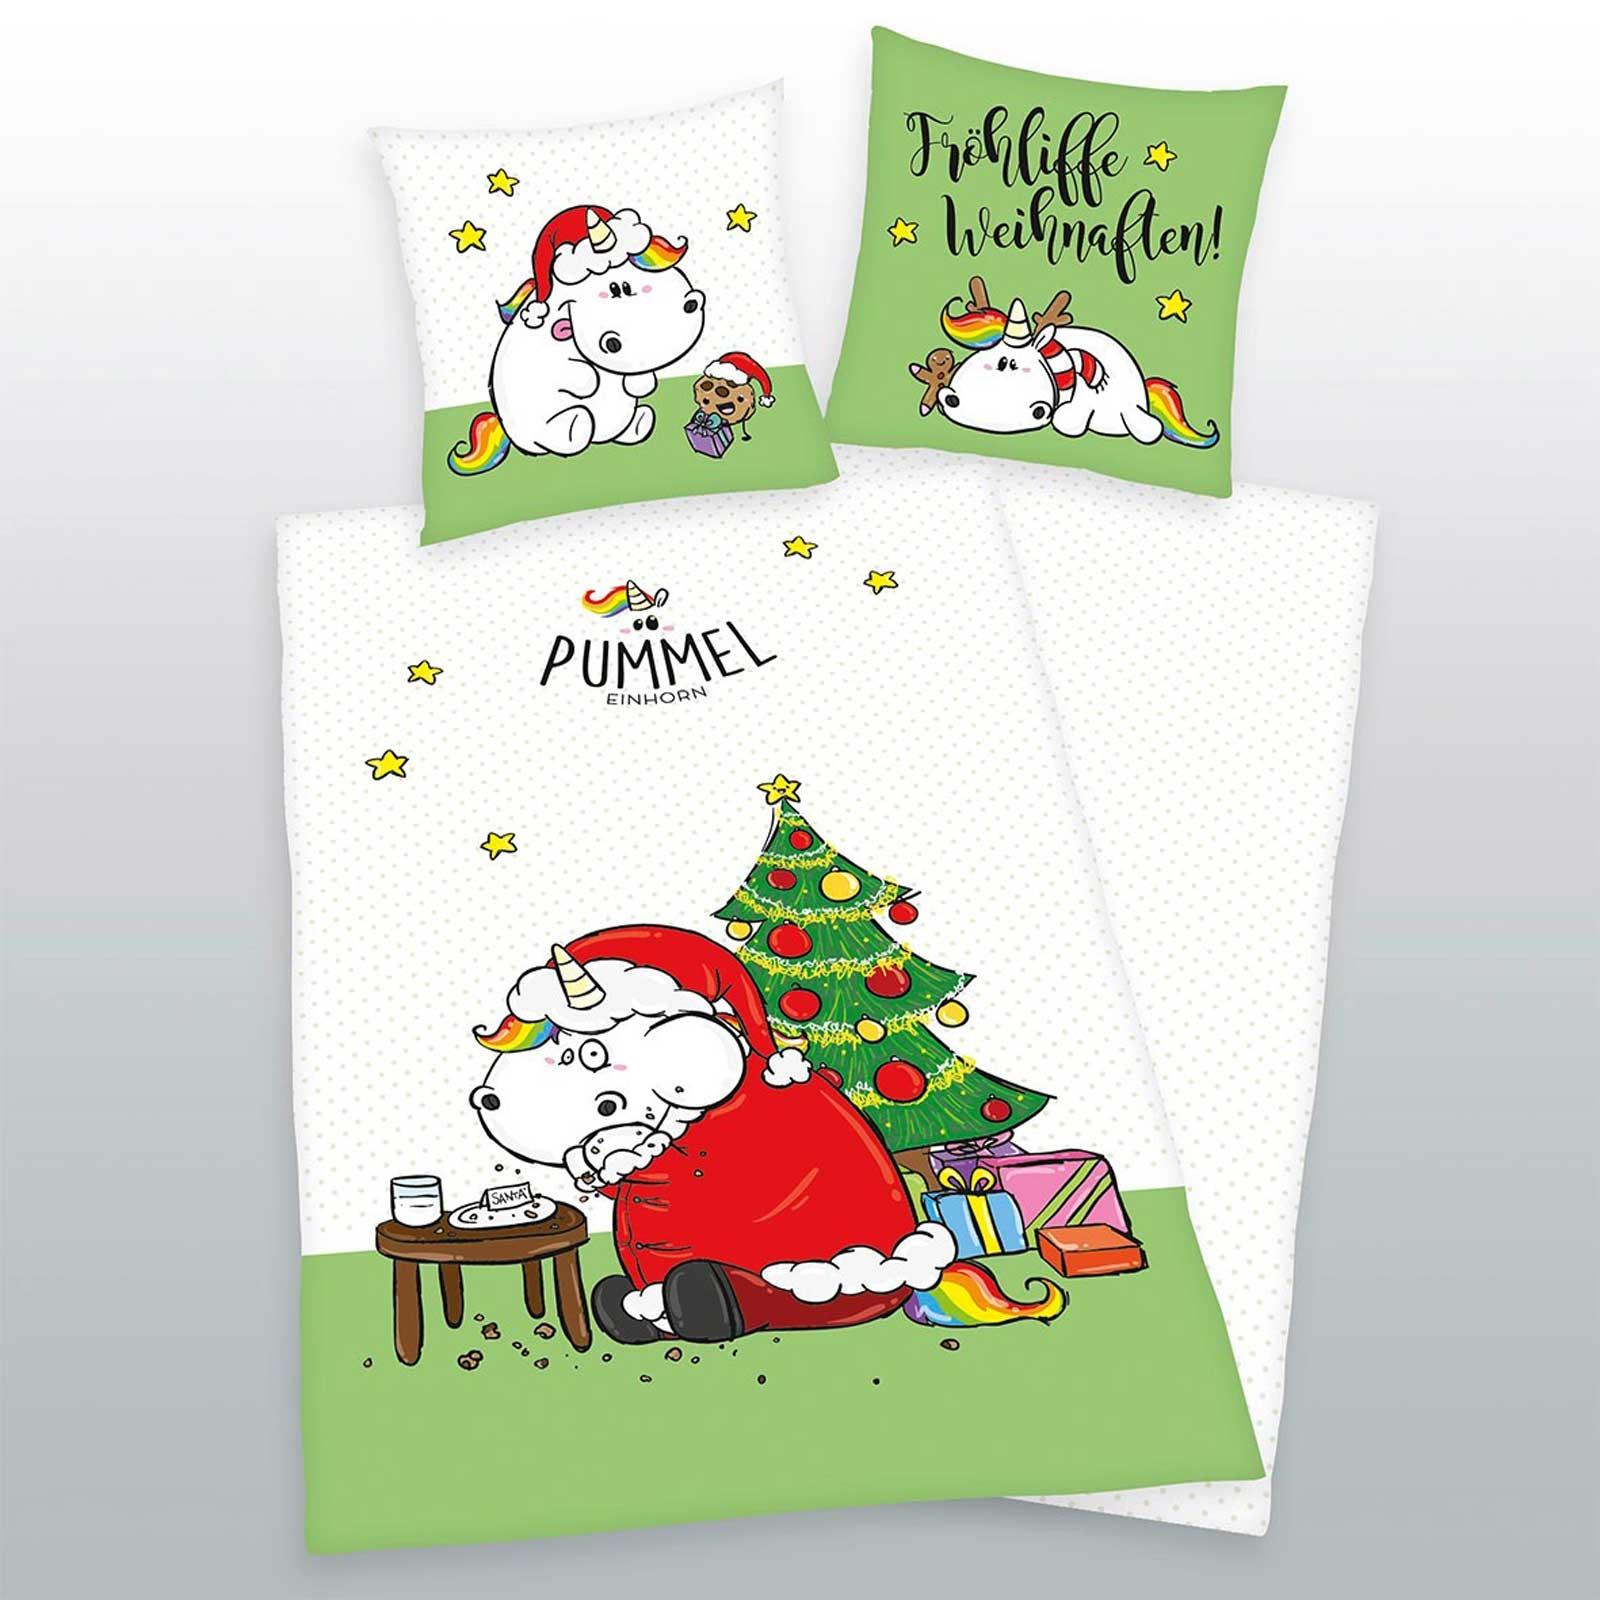 Bettwäsche - Herding Pummeleinhorn Bettwäsche Frohe Weihnachten Limited Edition incl. Aufbewahrungsbeutel  - Onlineshop PremiumShop321